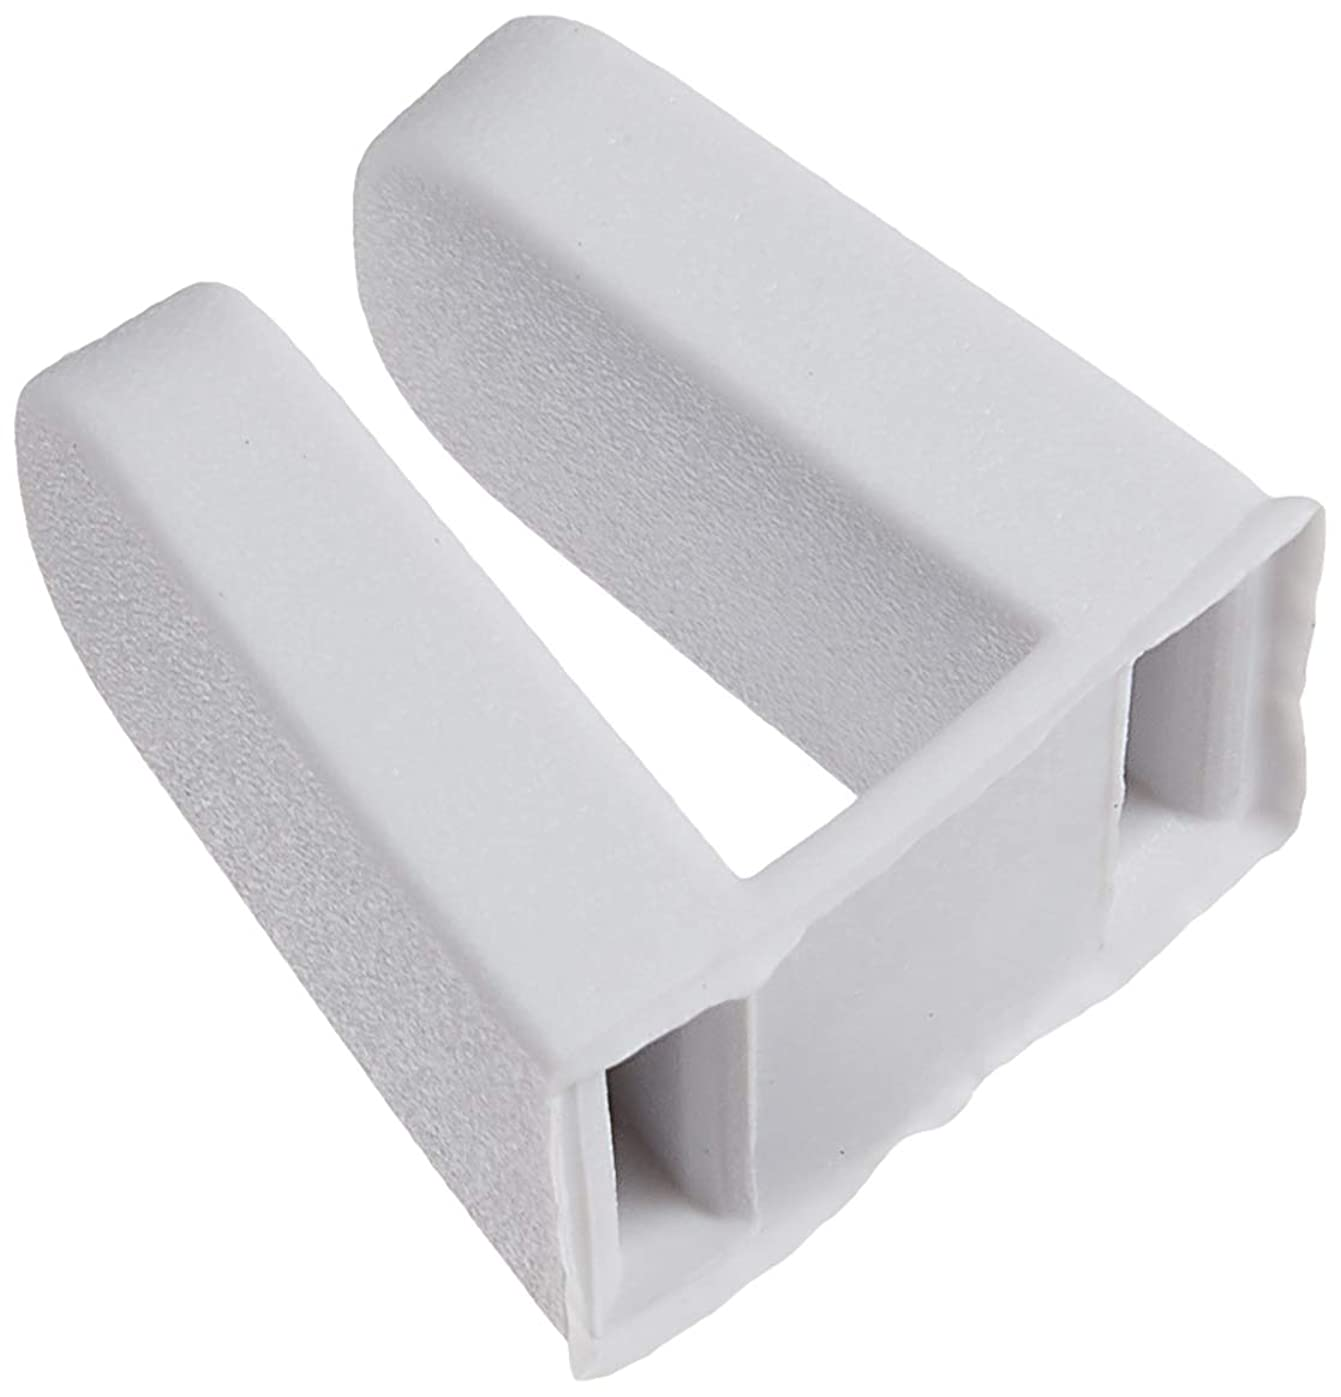 平方め言葉清めるFILCO ACコネクタキャップ 10ヶ入り iPhone純正ACアダプター,ACコンセントプラグ対応ホワイト ACAPW